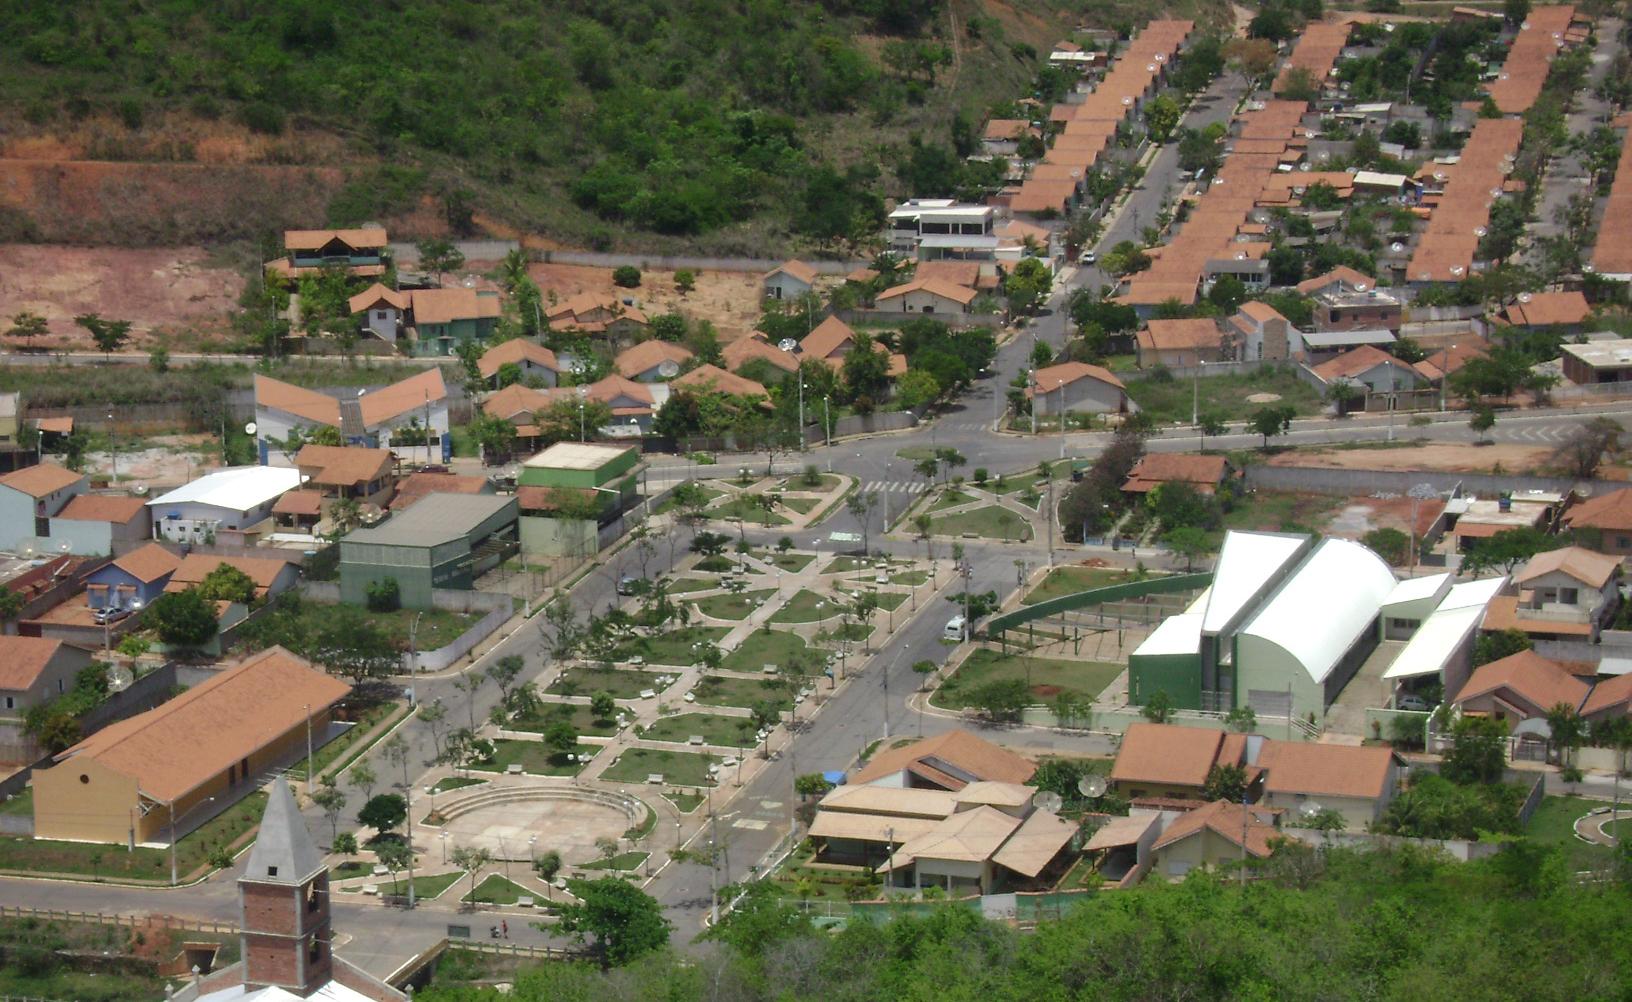 Vista parcial da cidade de Itueta